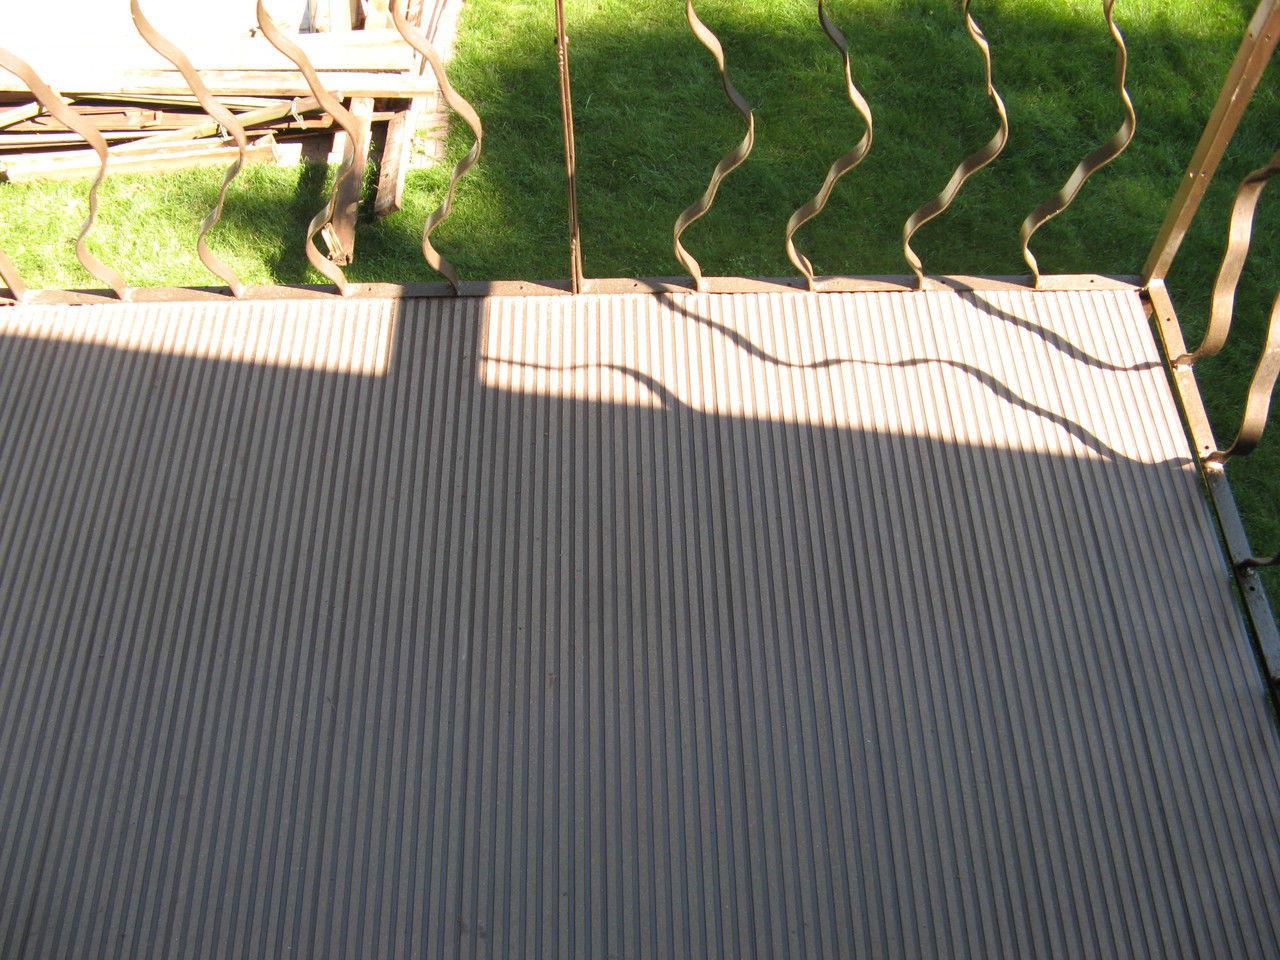 Бесшовная террасная доска на балконе - лицензии и сертификат.